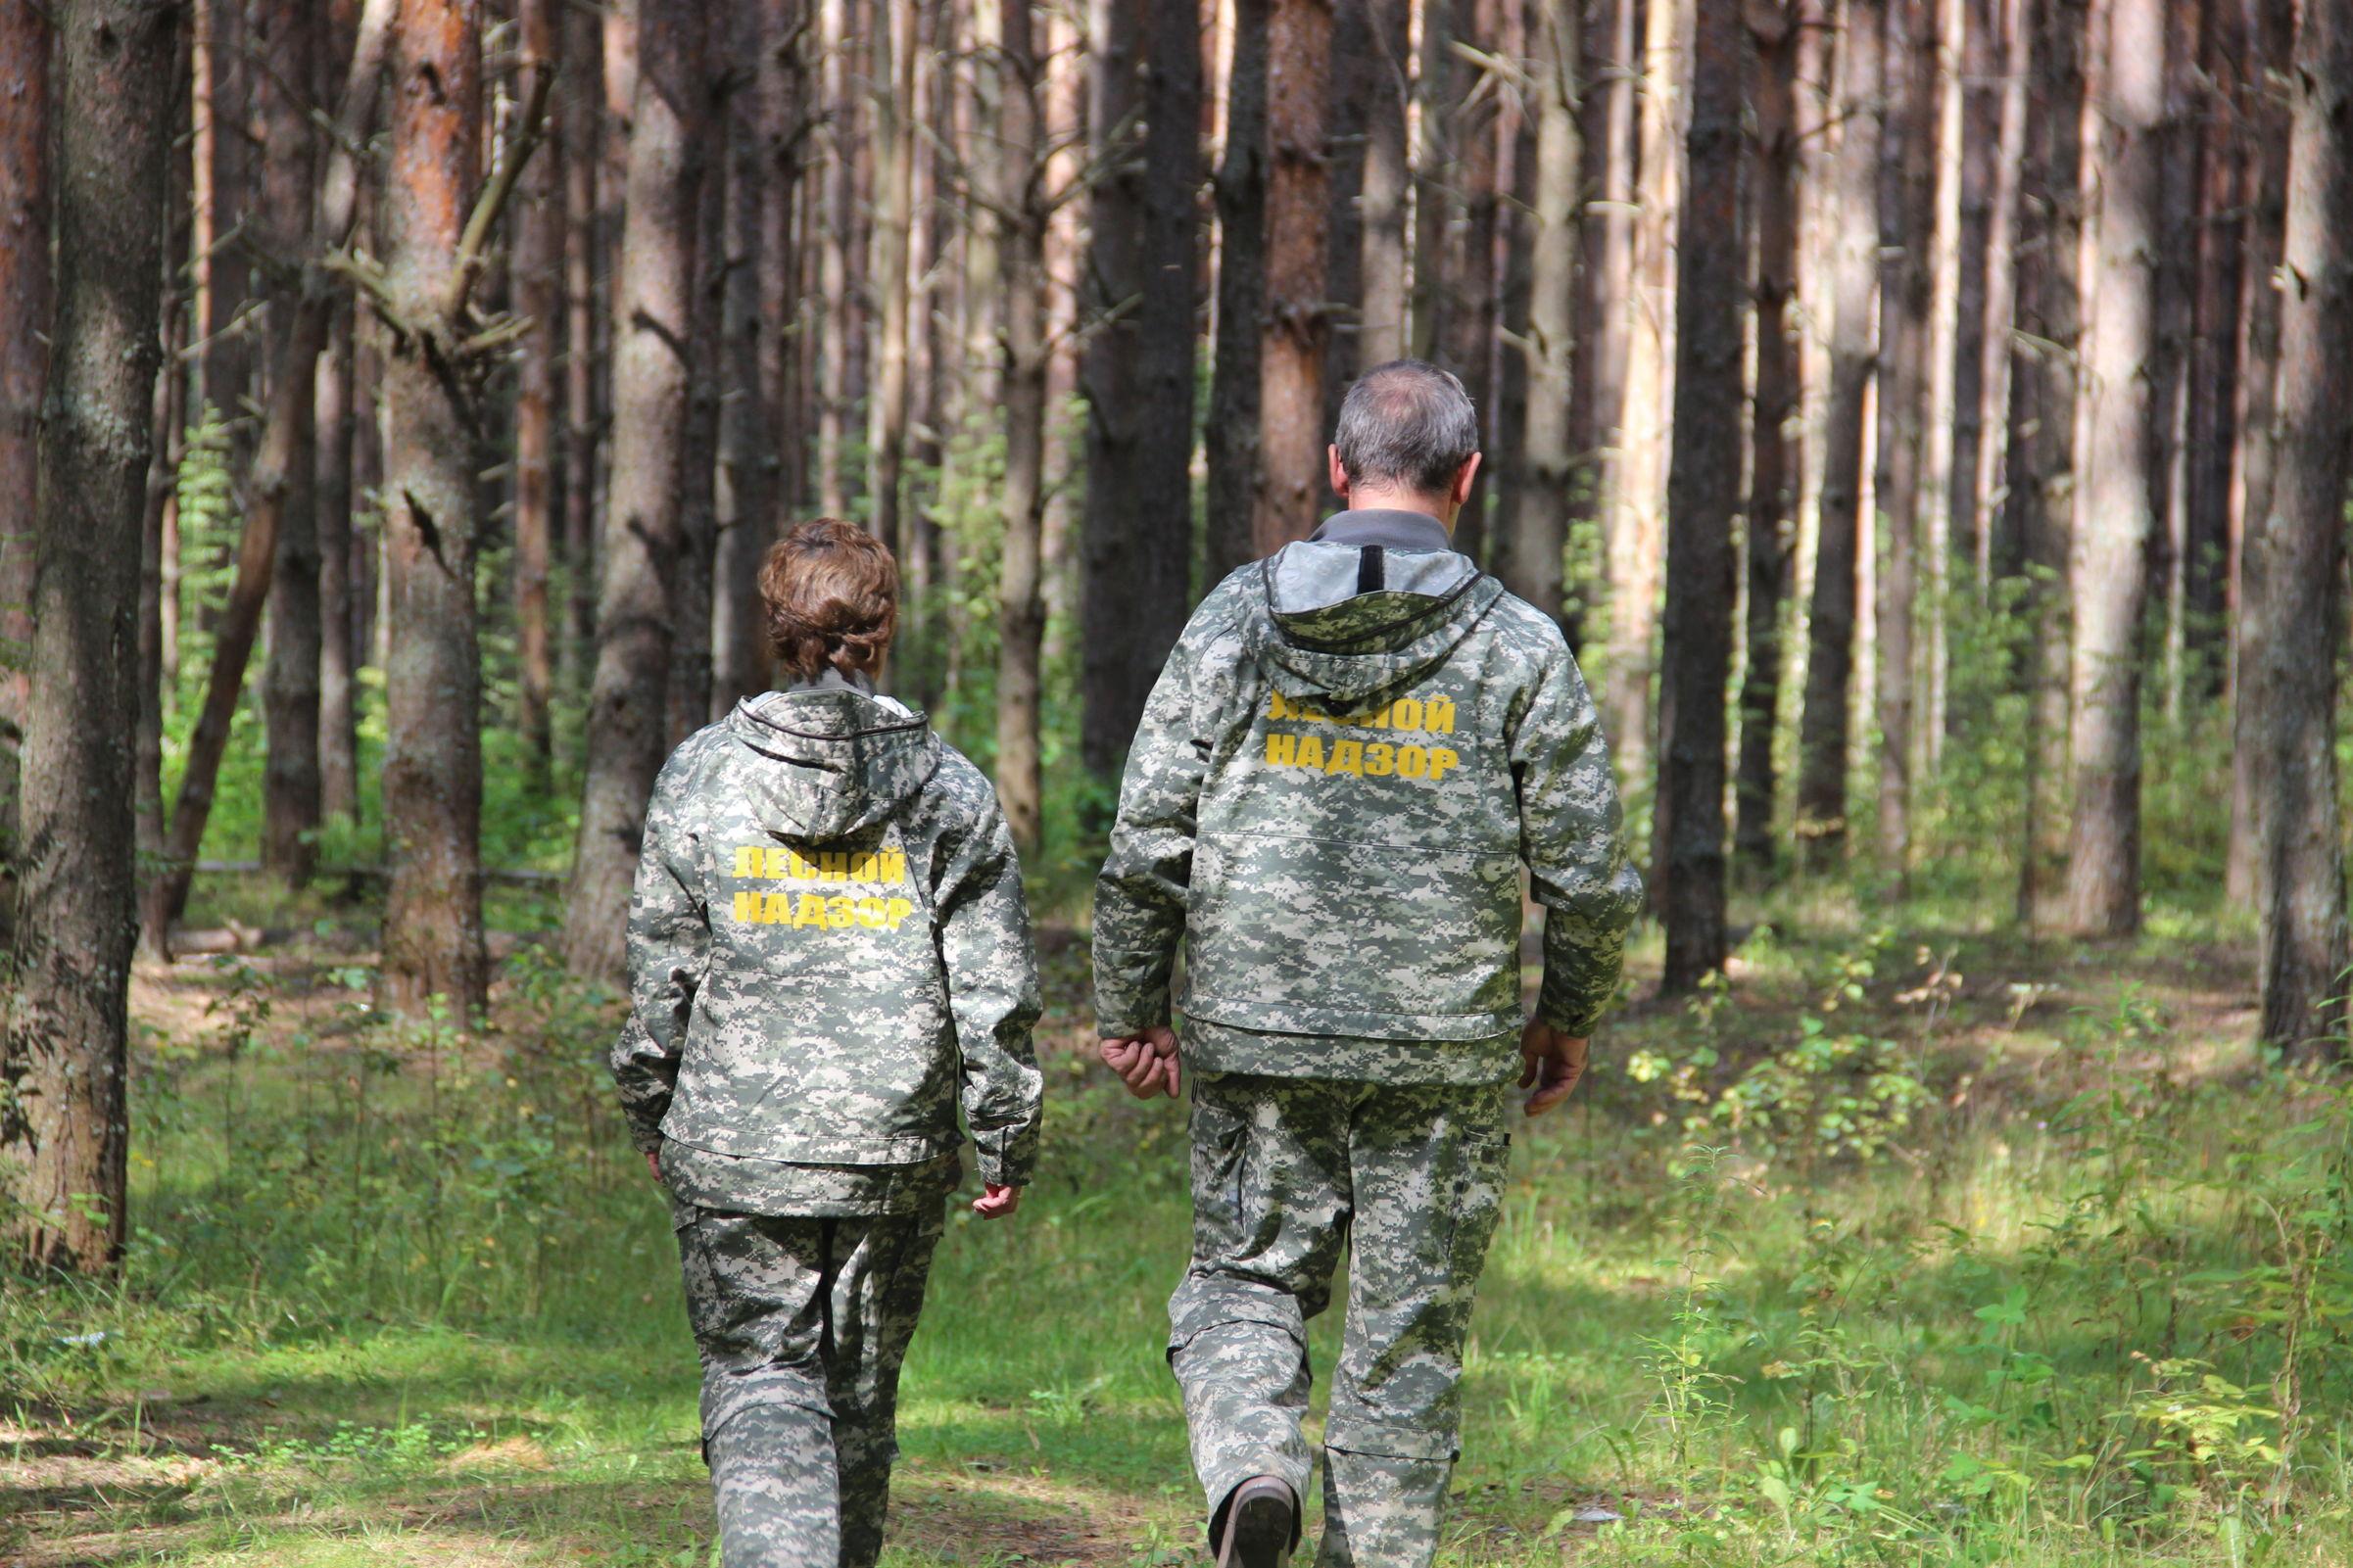 Нарушители лесного законодательства оштрафованы на 4,7 миллиона рублей